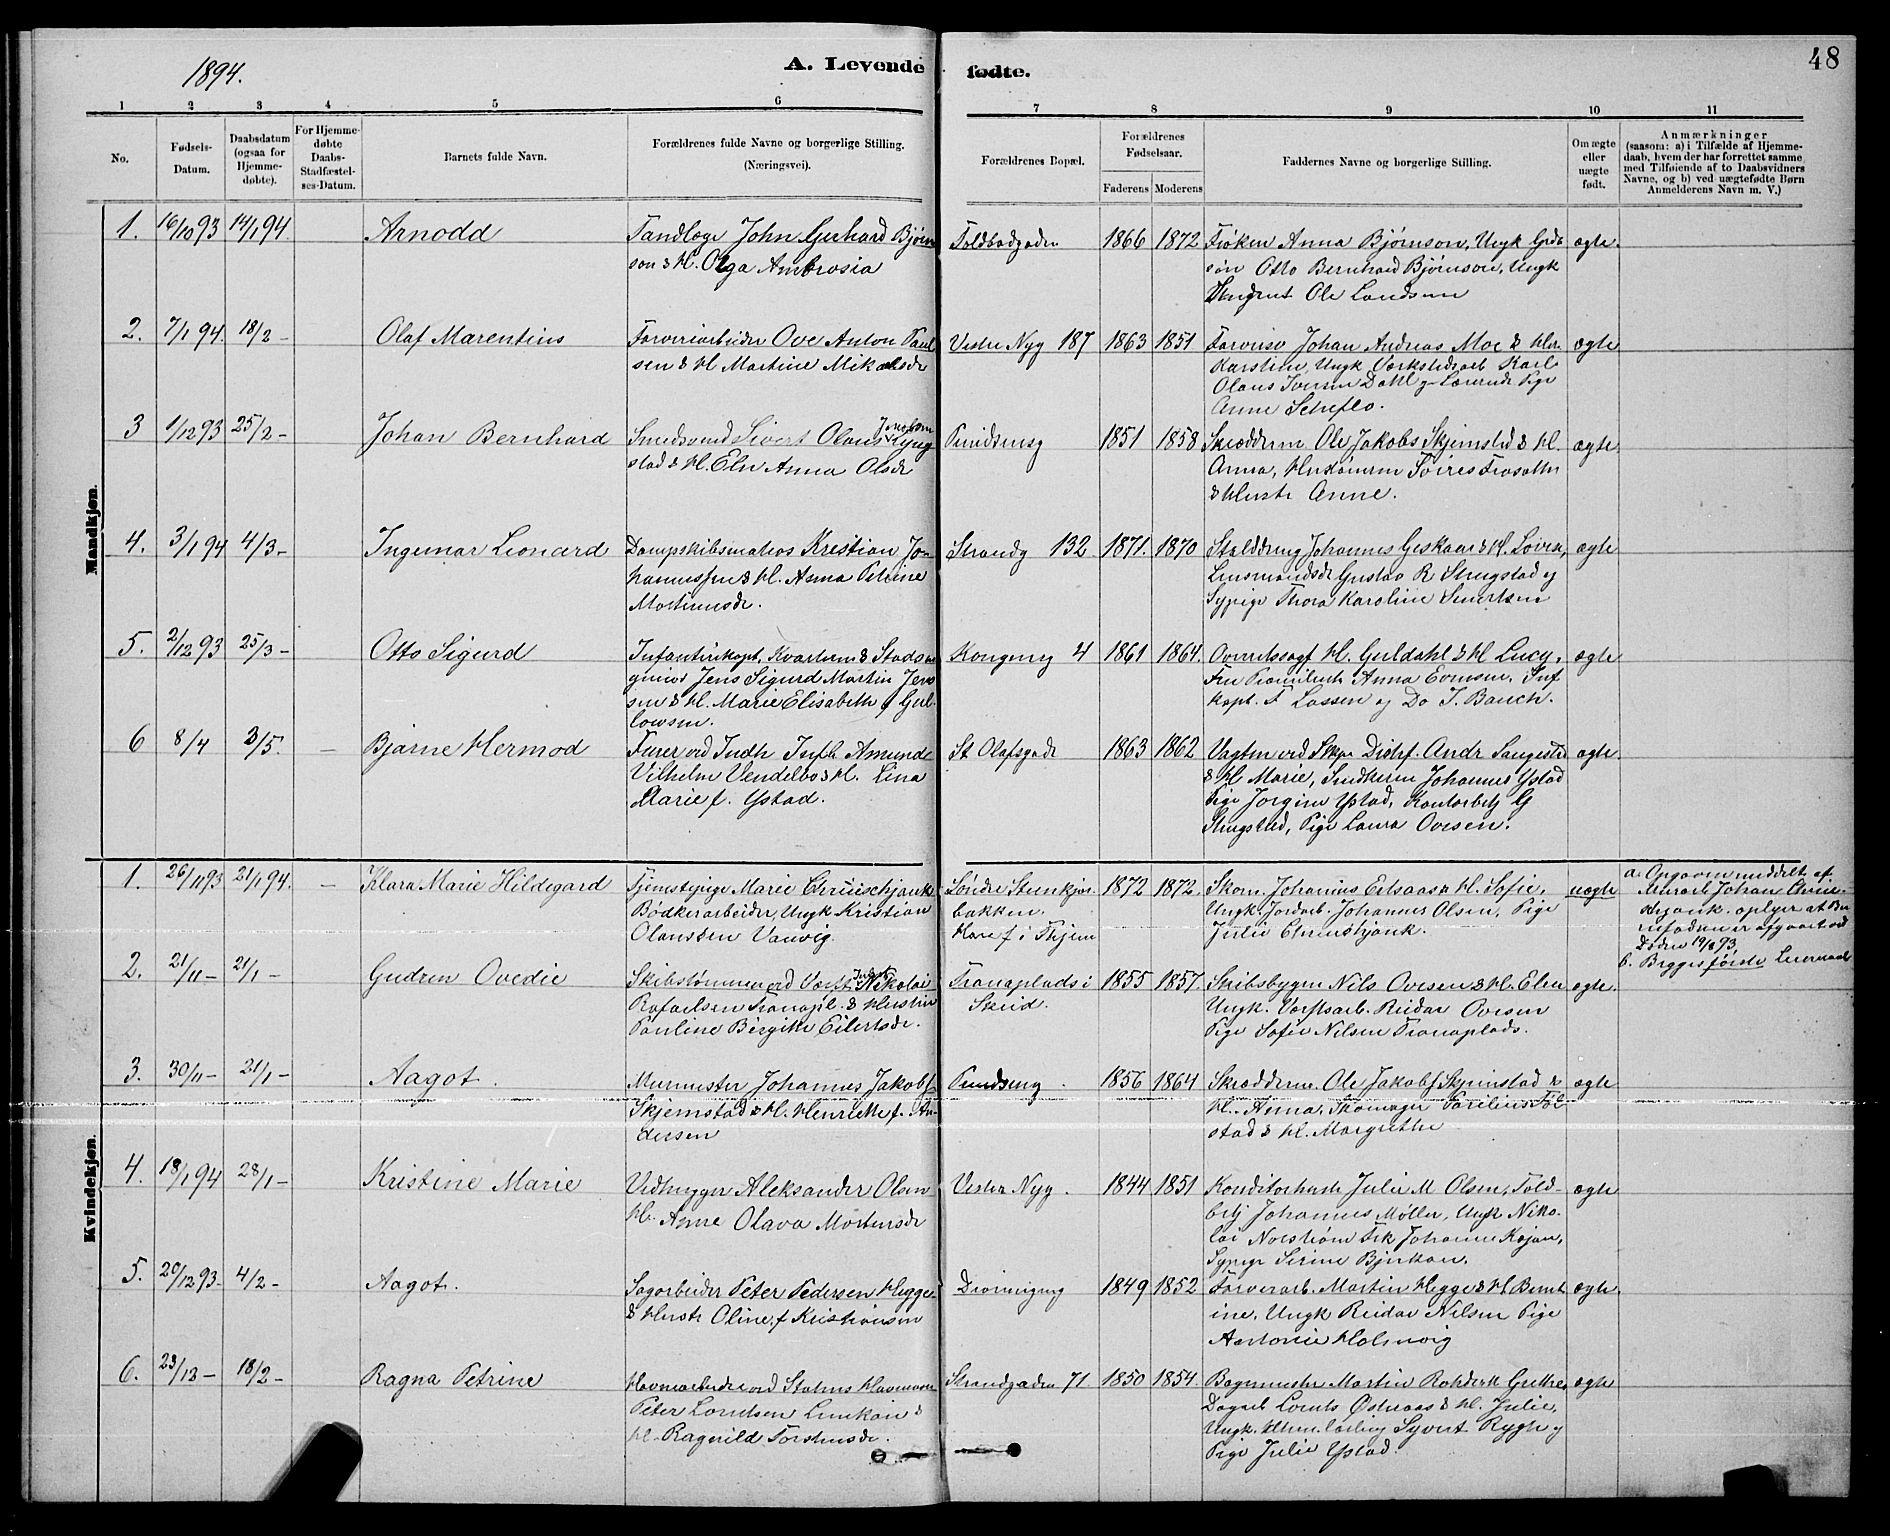 SAT, Ministerialprotokoller, klokkerbøker og fødselsregistre - Nord-Trøndelag, 739/L0374: Klokkerbok nr. 739C02, 1883-1898, s. 48